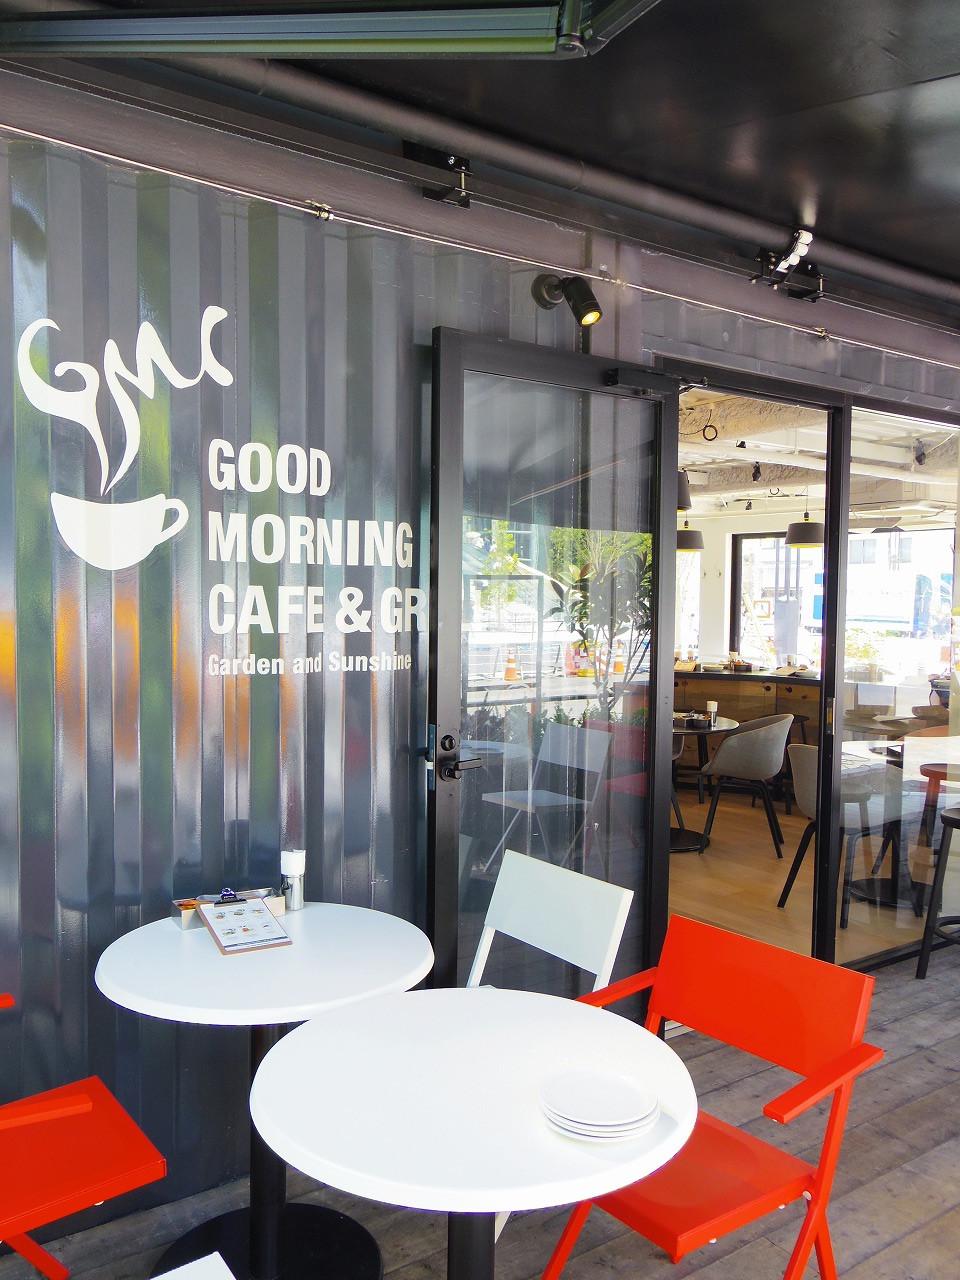 IDMobile グッドモーニングカフェ虎ノ門 都内のコンテナハウス